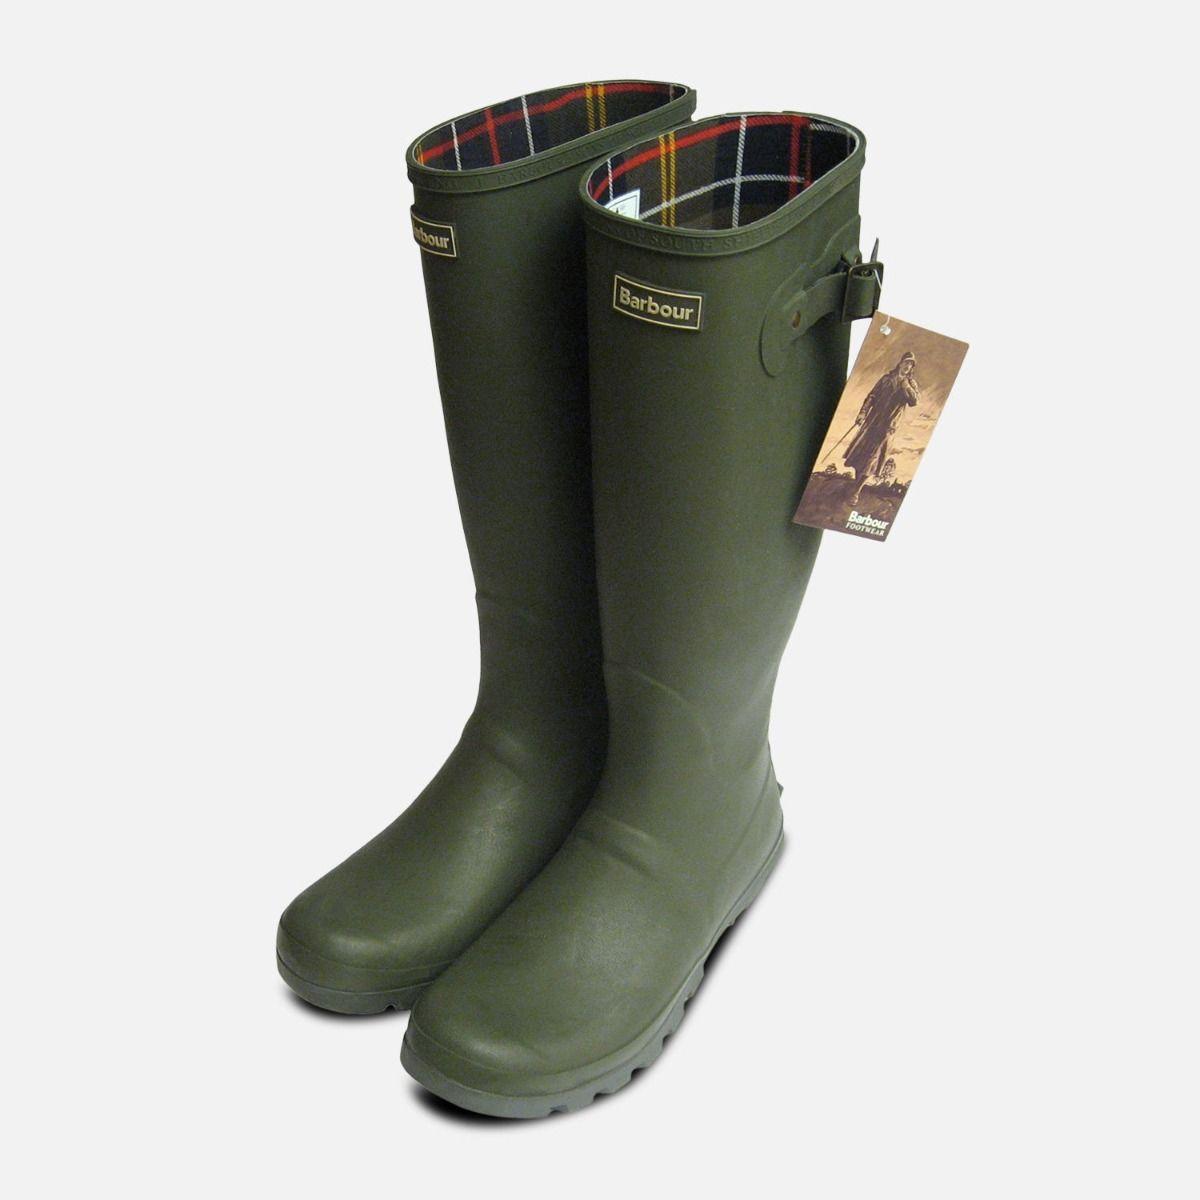 Barbour Mens Olive Green Waterproof